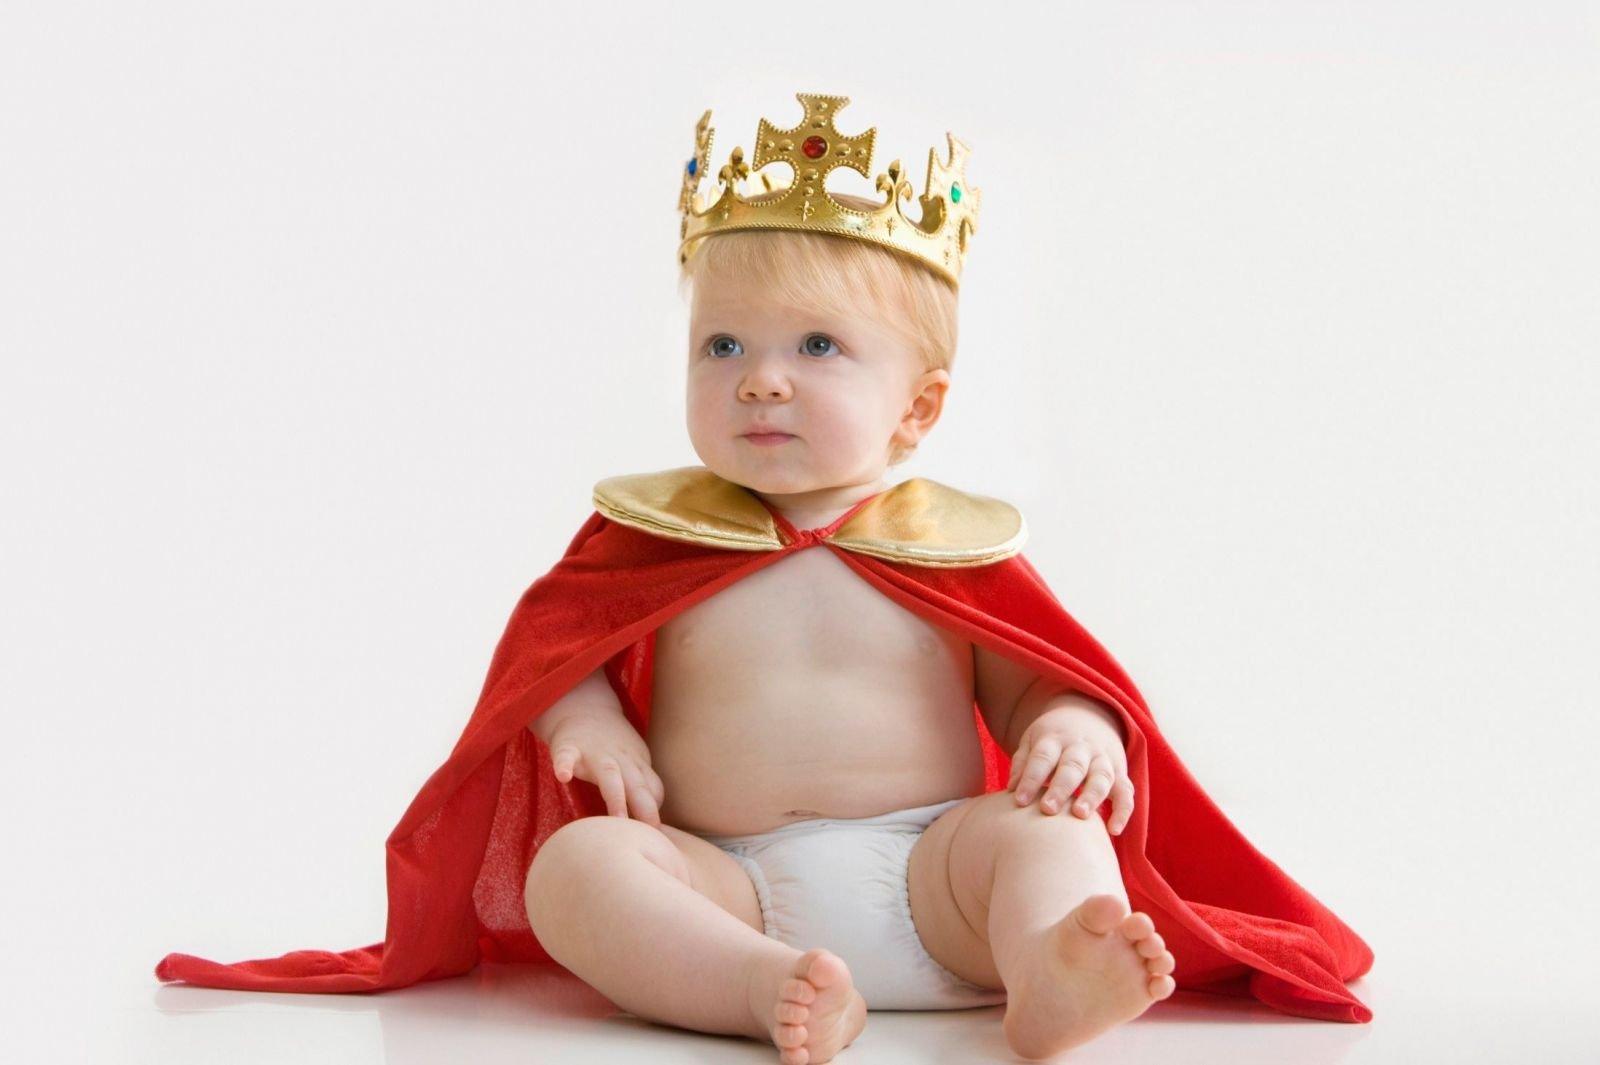 Inspirasi Nama Bayi yang Memiliki Makna Kemakmuran